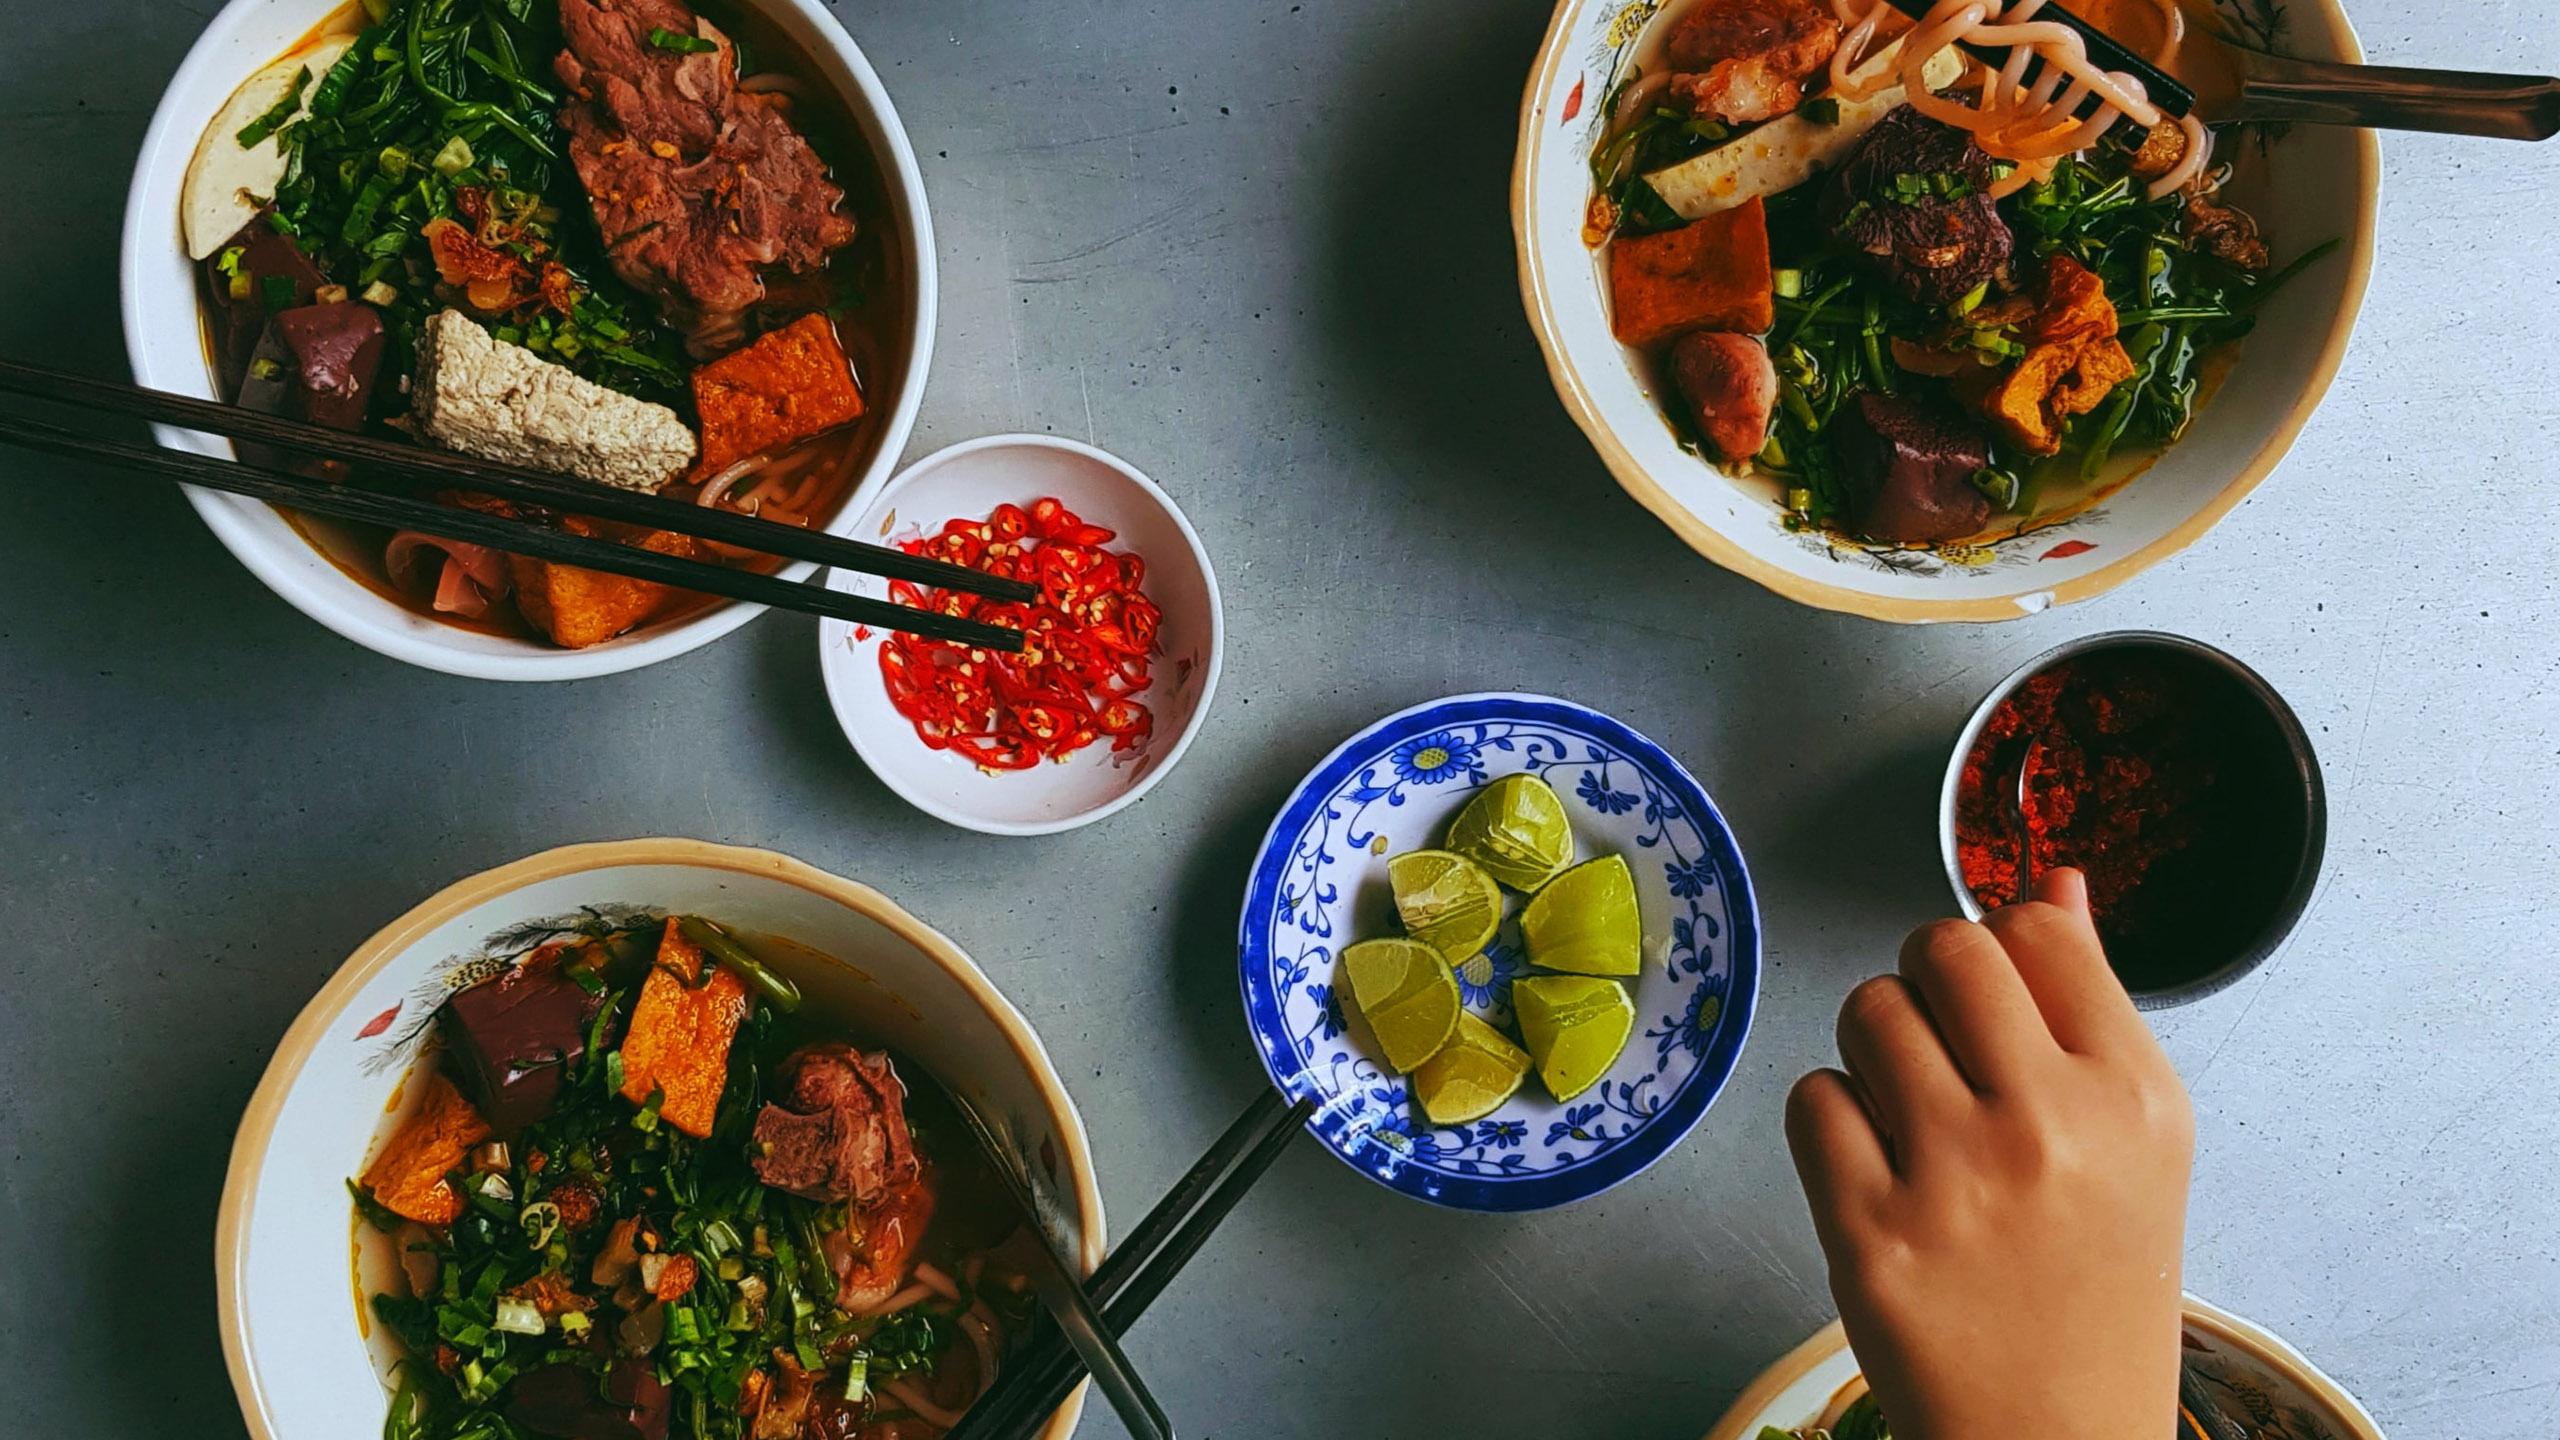 comida, comida al centro, restaurantes, servicio a domicilio